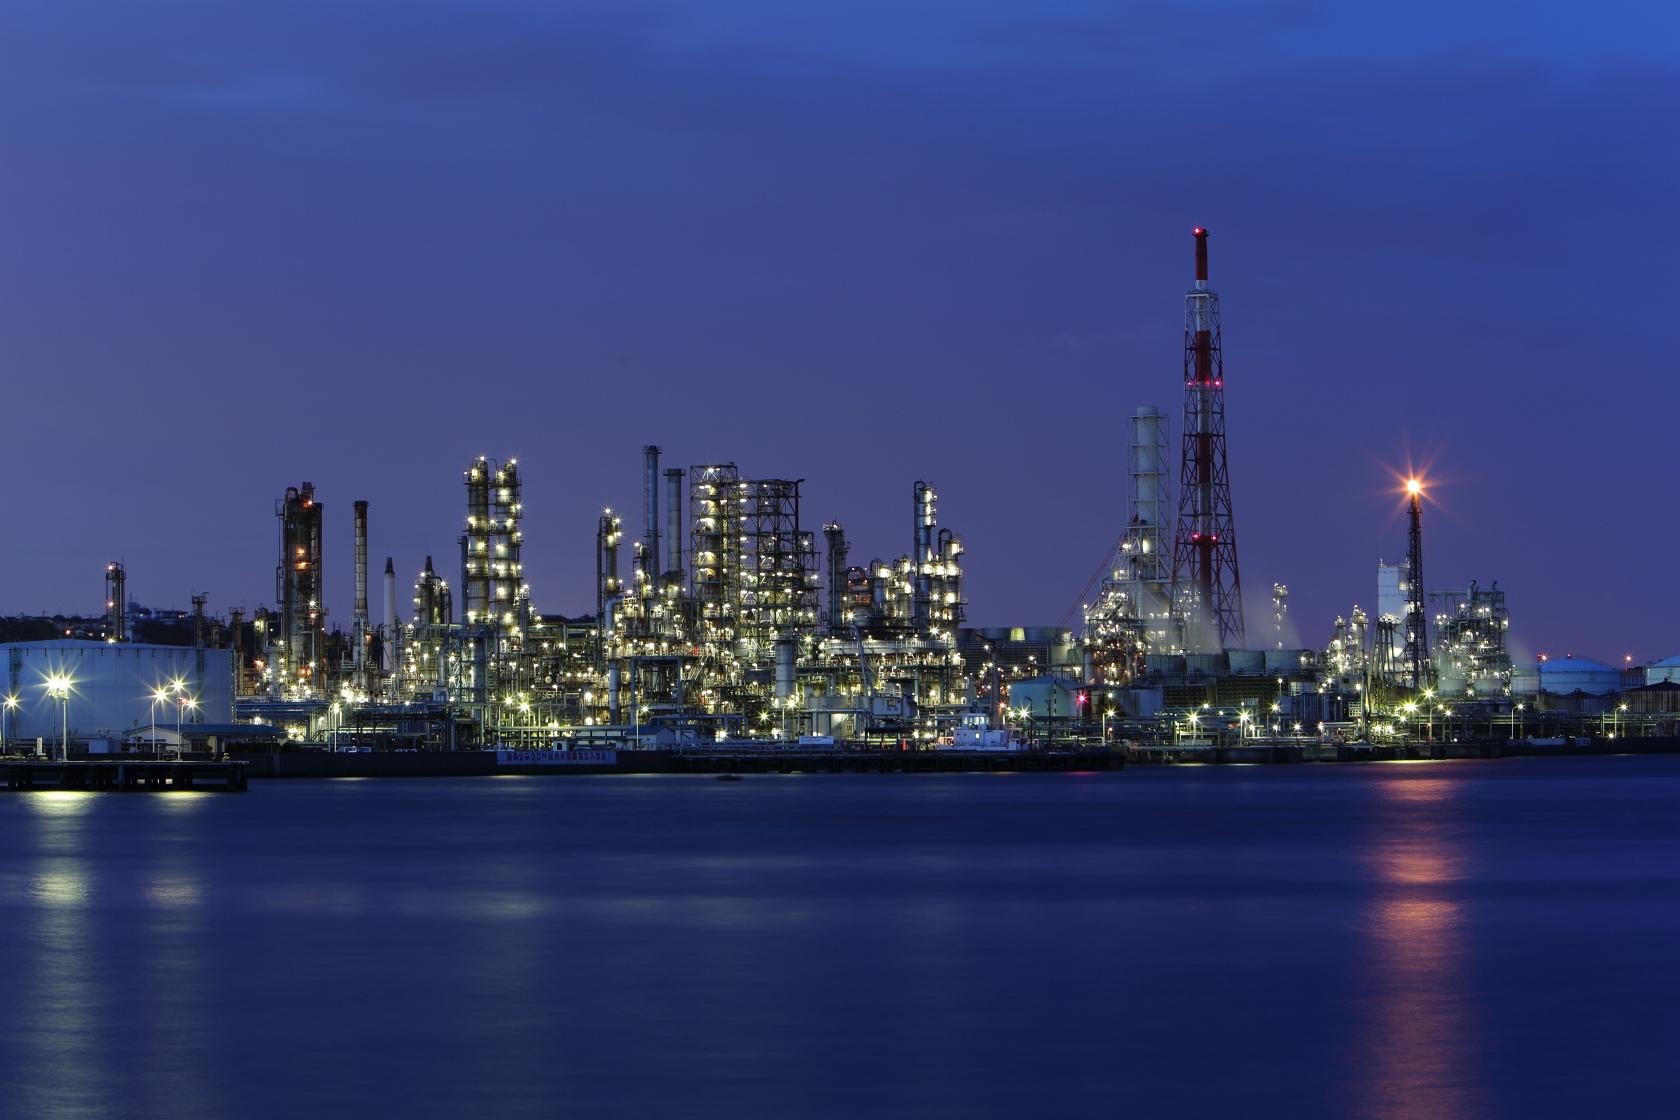 やっぱり、工場夜景が好き。_e0001789_05279.jpg